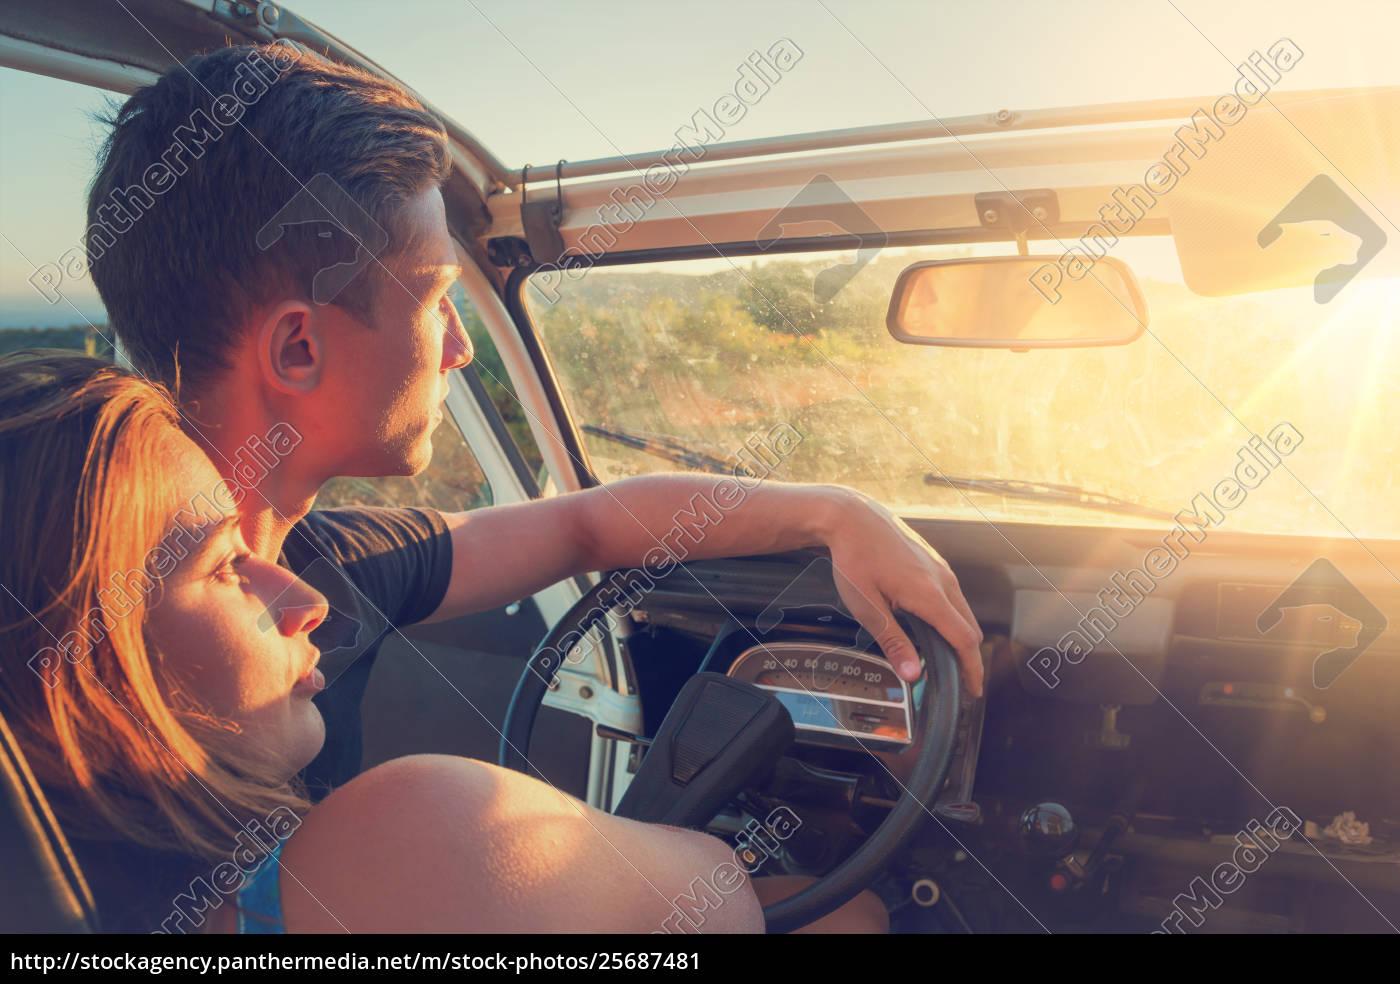 coppia, in, auto, al, tramonto - 25687481